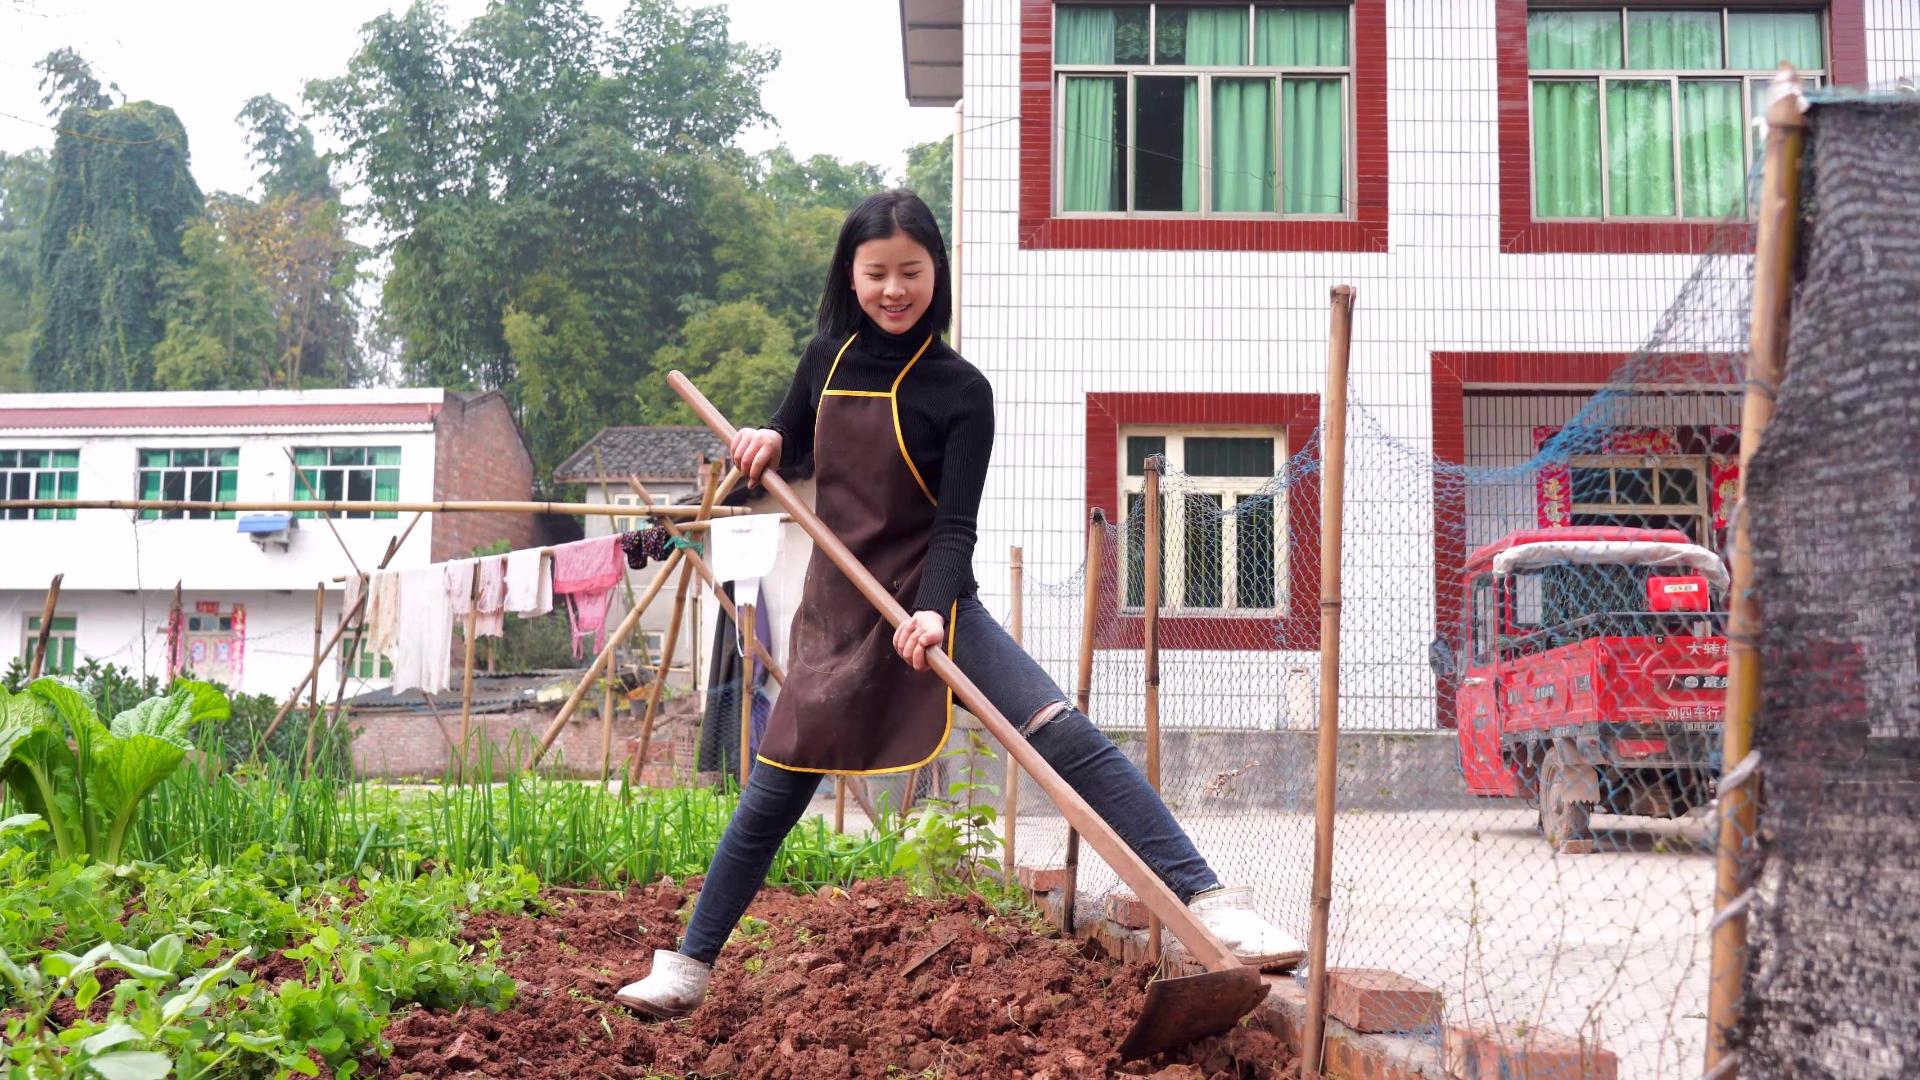 漆二娃vlog:之前华农哥帮忙翻地种的花枯萎了,现在重新撒种